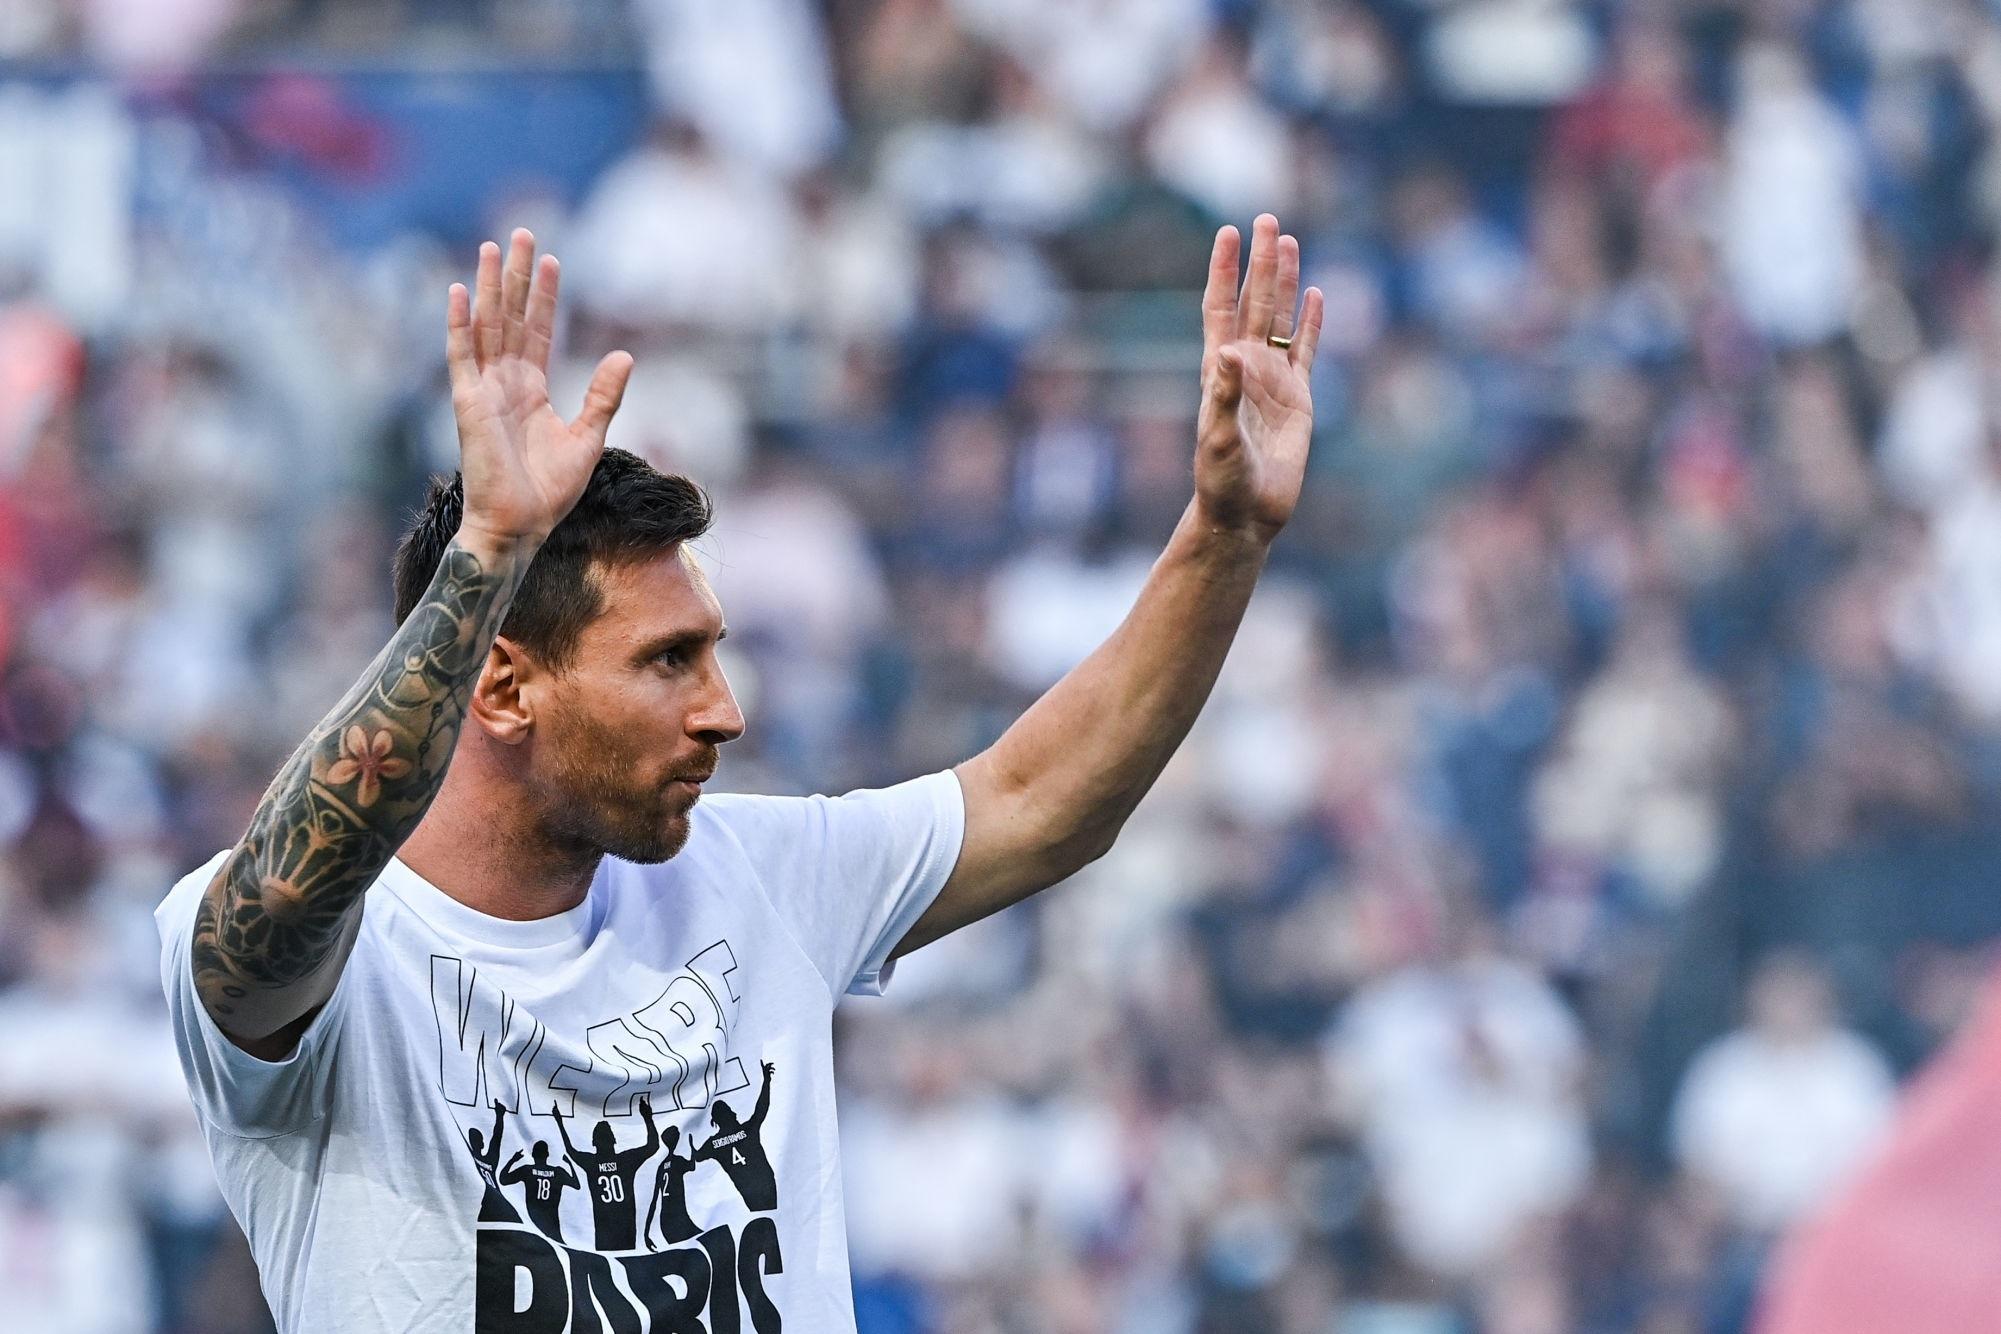 """L'Equipe assure avoir """"contacté le PSG"""" avant son article sur le salaire de Messi"""